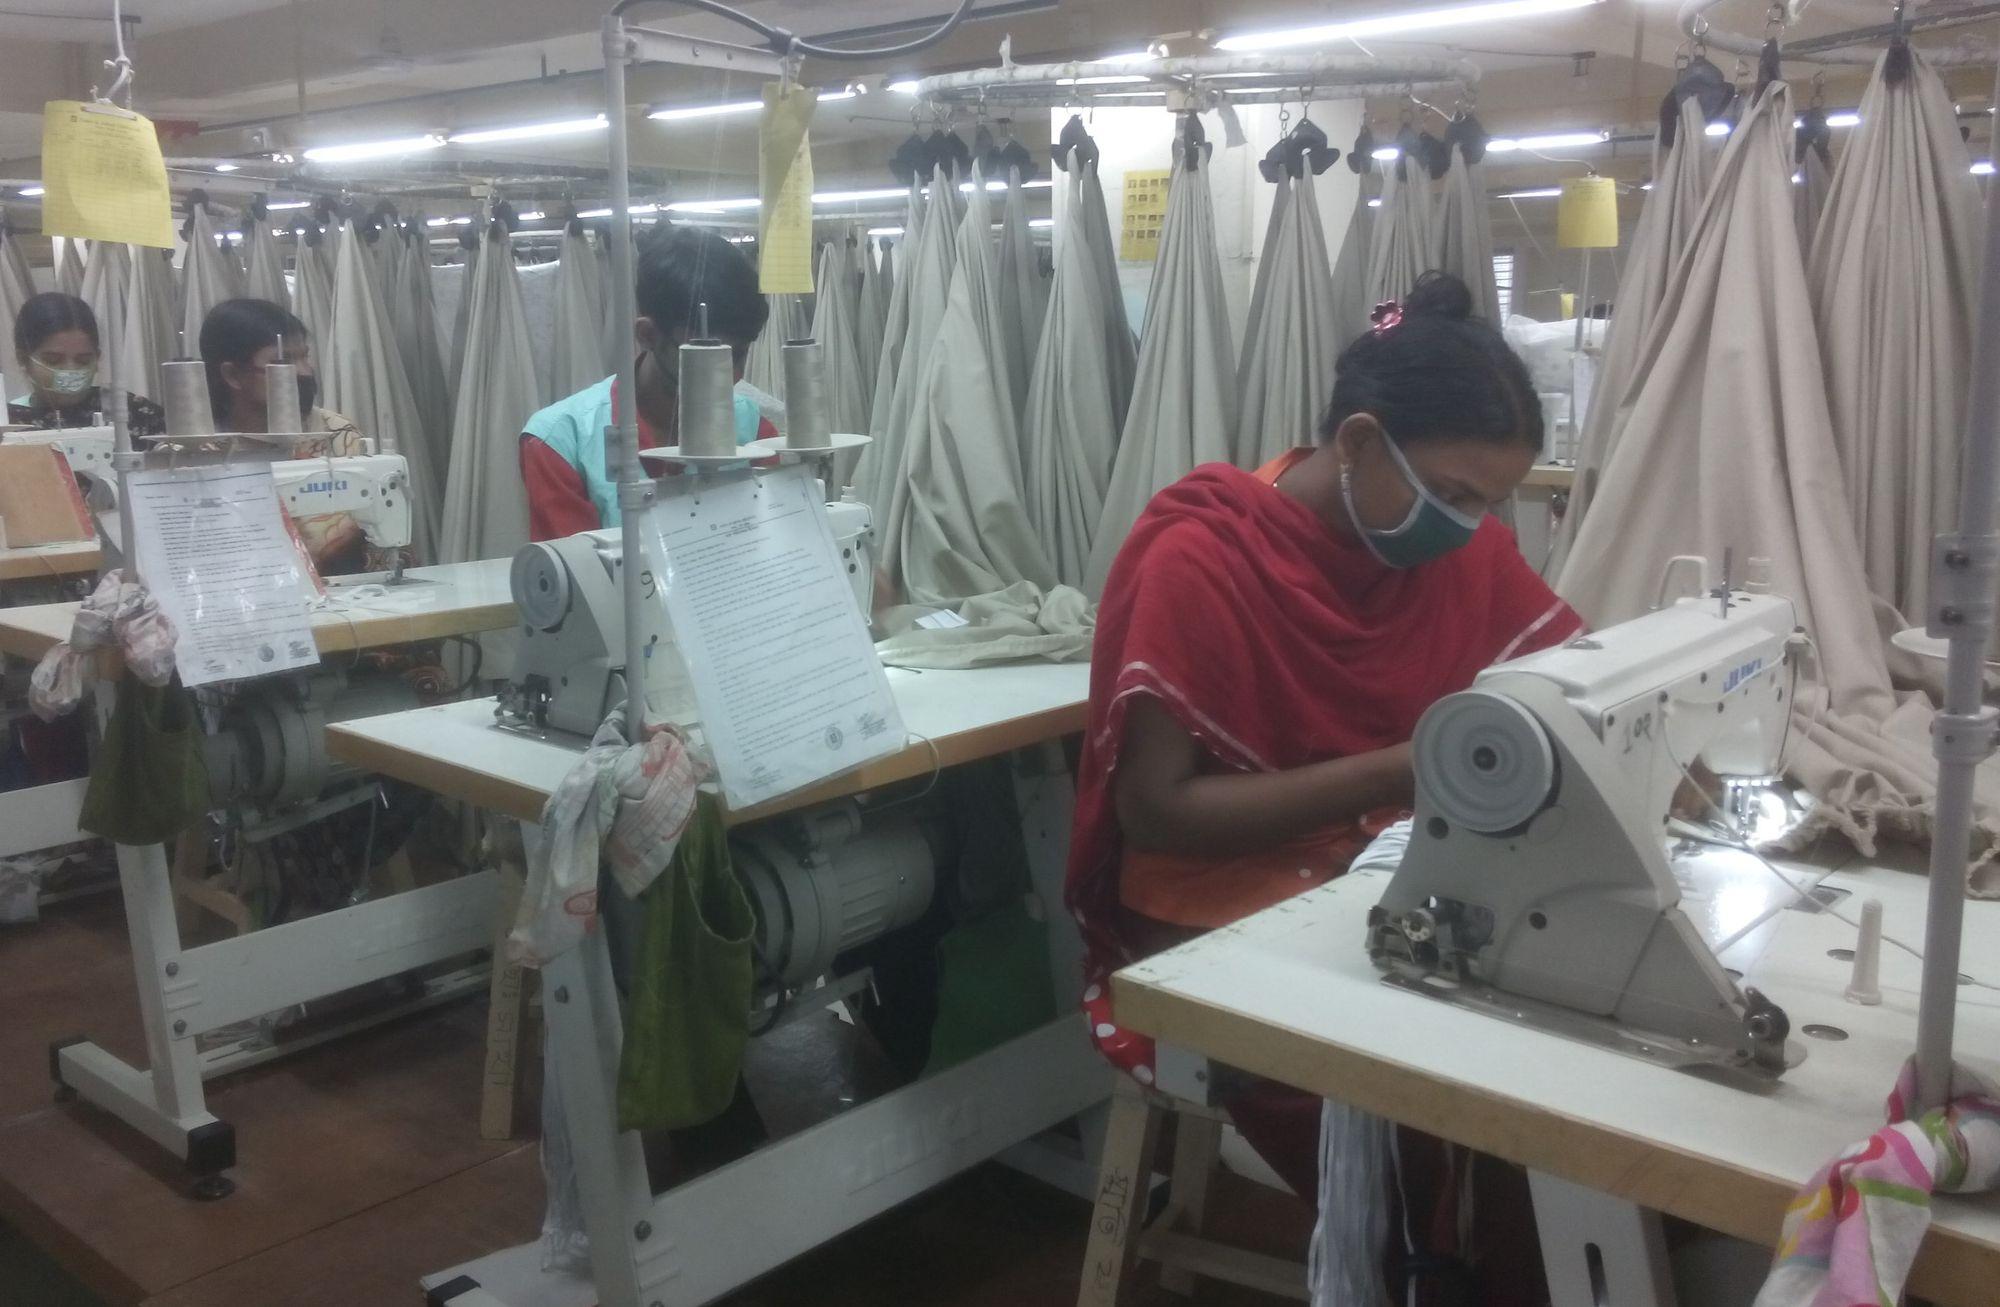 Beschäftigte an Nähmaschinen in einer Textilfabrik